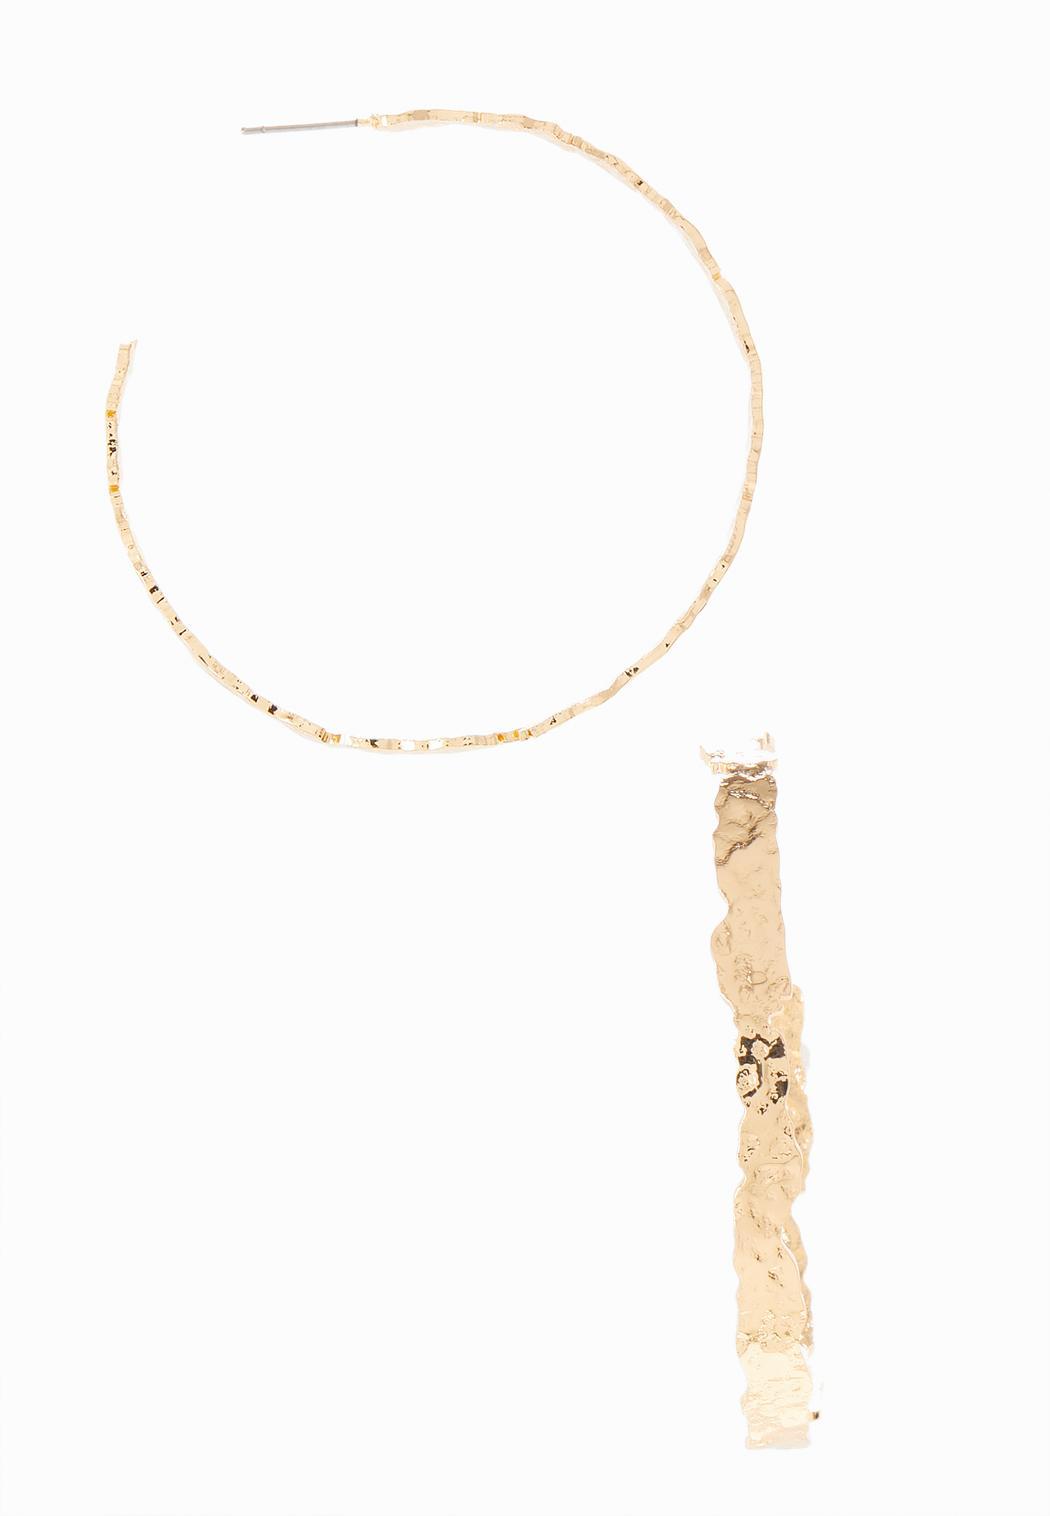 Abstract Textured Hoop Earrings